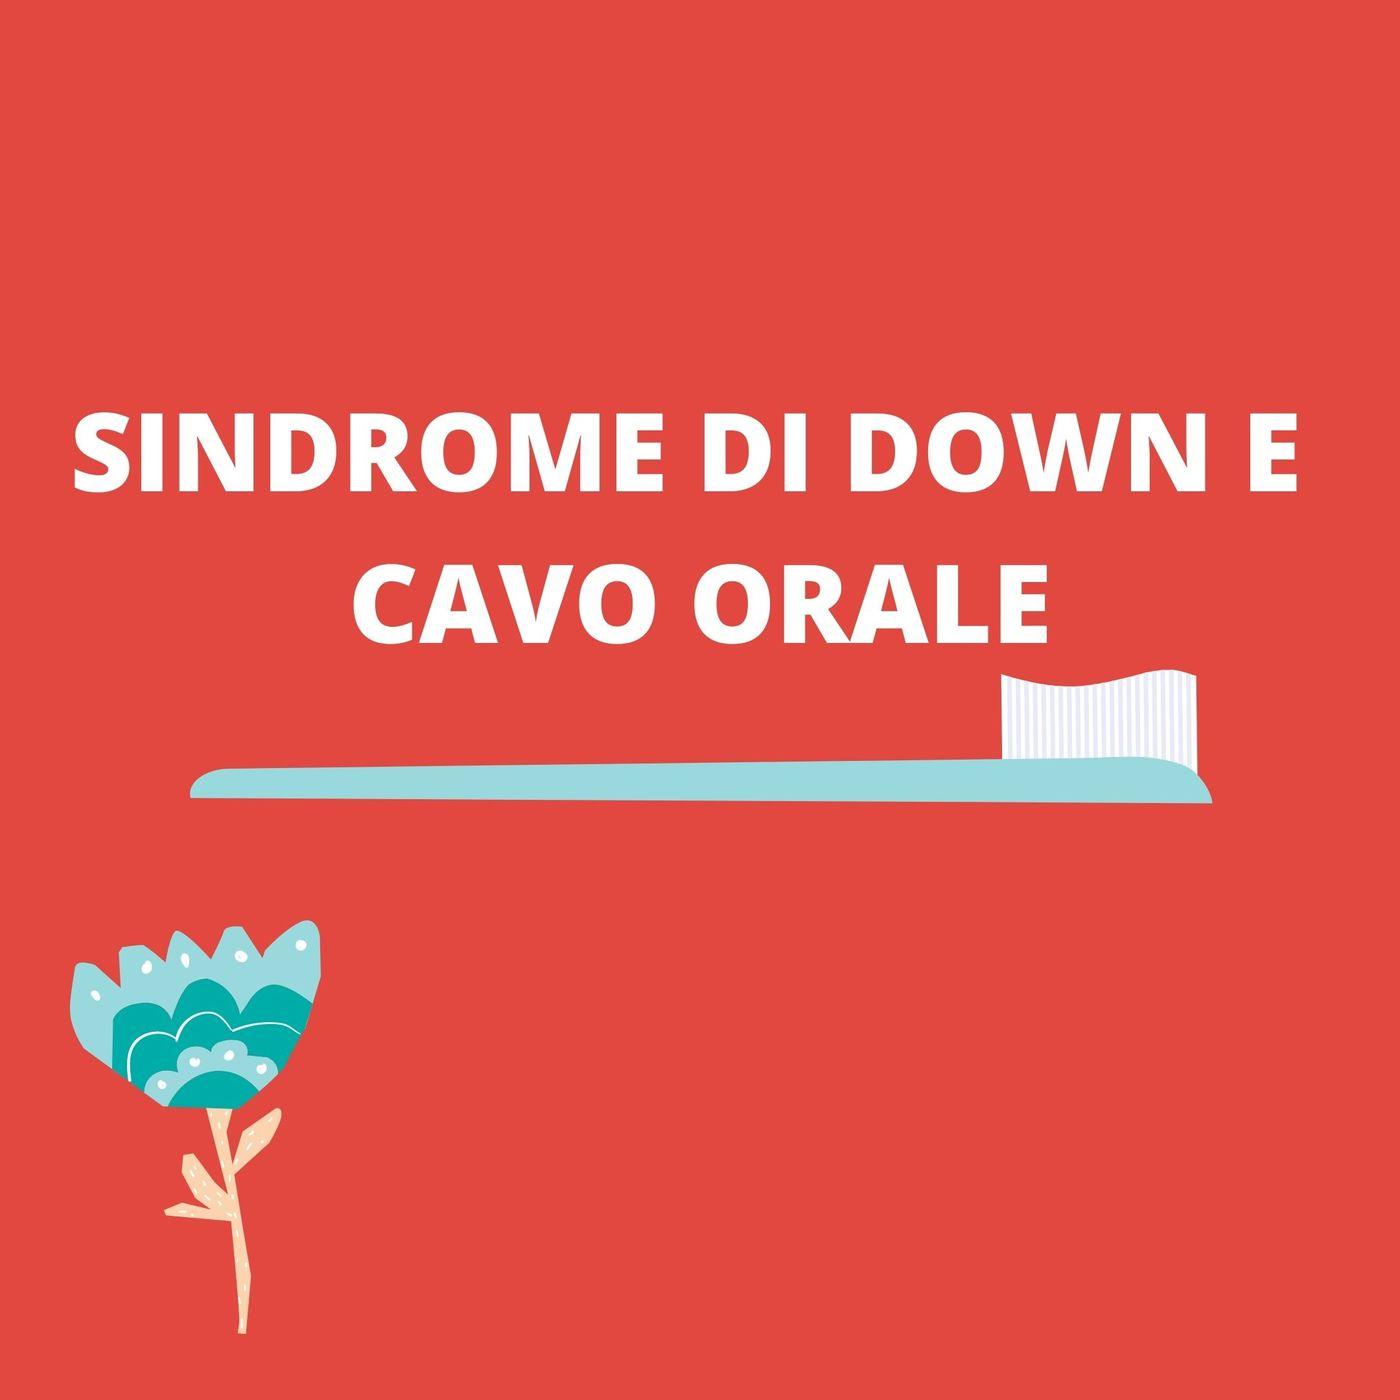 [Aggiornamento] Sindrome di Down e cavo orale: facciamo chiarezza - Dott.ssa Federica Valerio